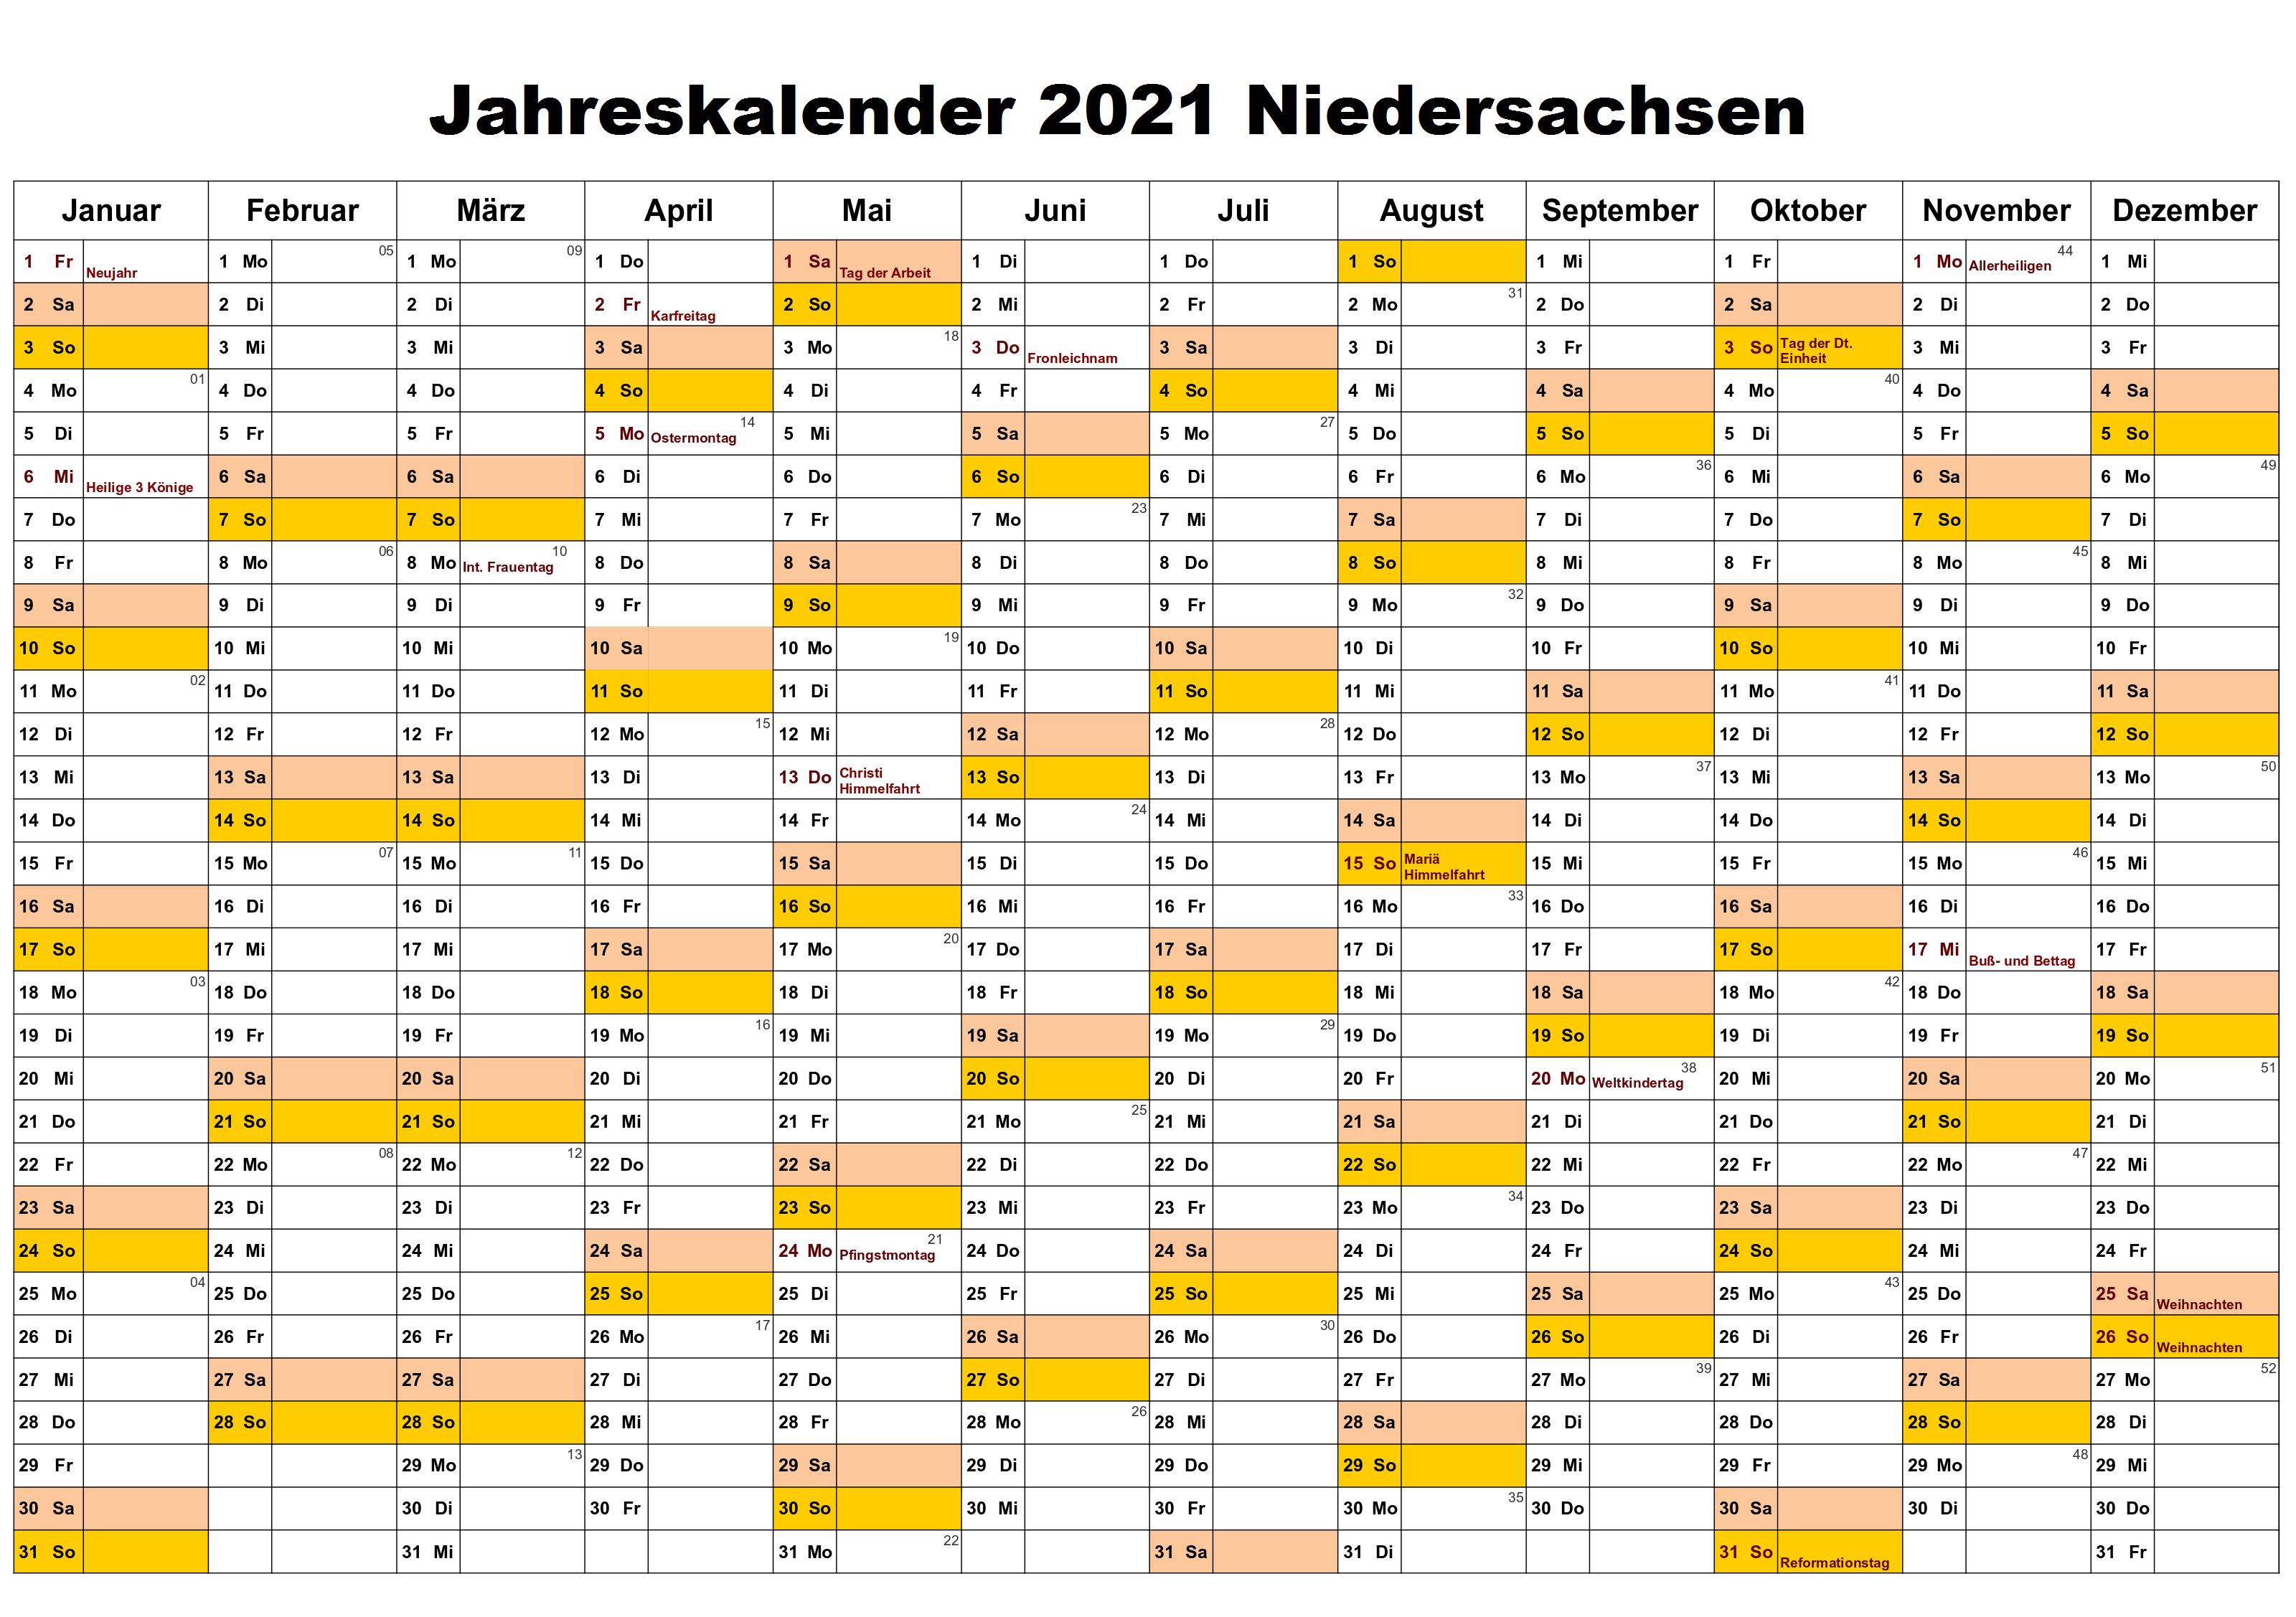 Kostenlos Jahreskalender 2021 Niedersachsen Zum Ausdrucken ...